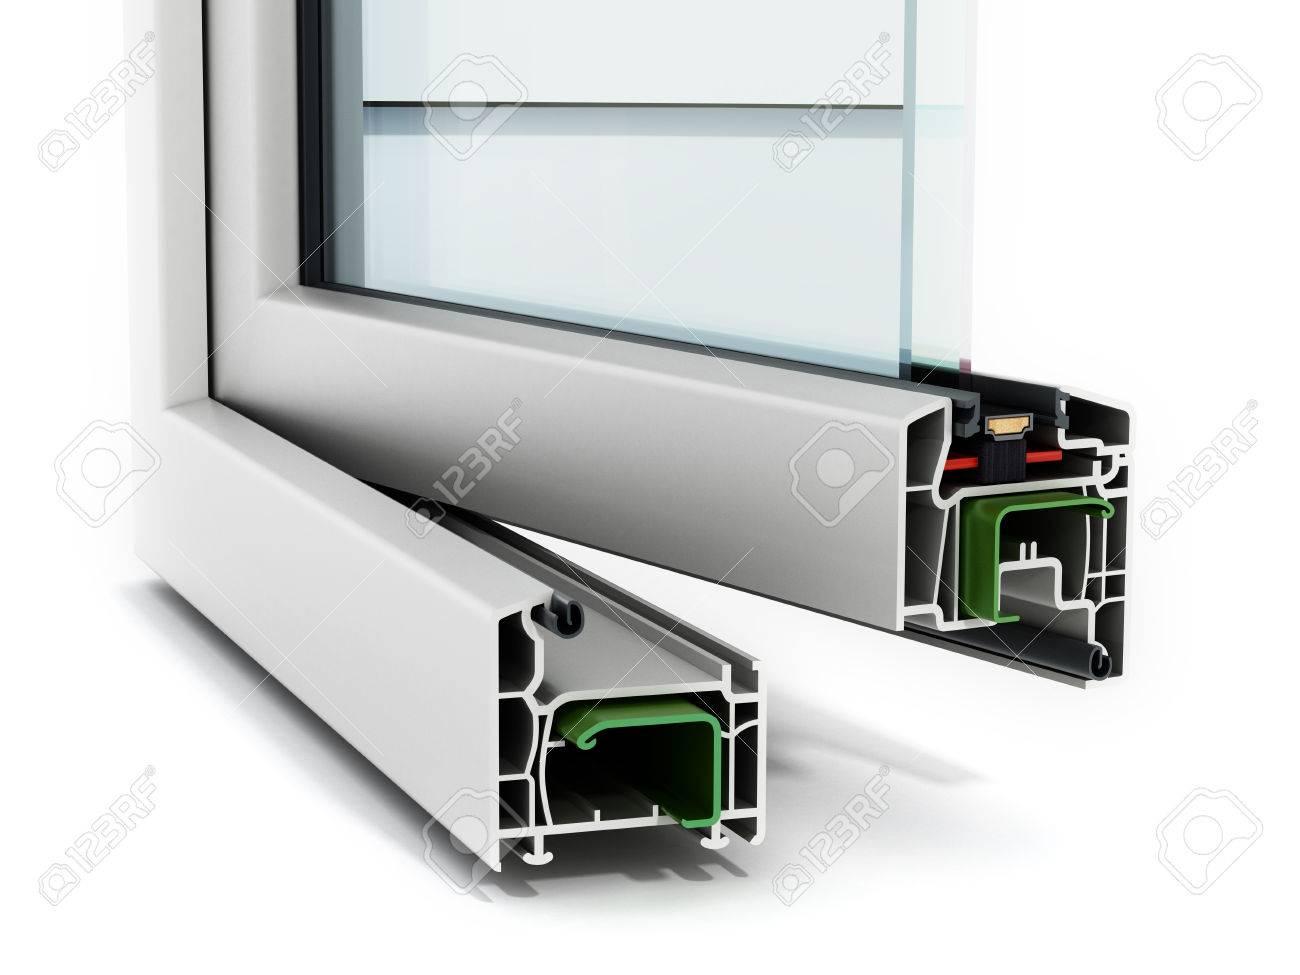 PVC Fenster Detail Isoliert Auf Weißem Hintergrund Lizenzfreie Fotos ...